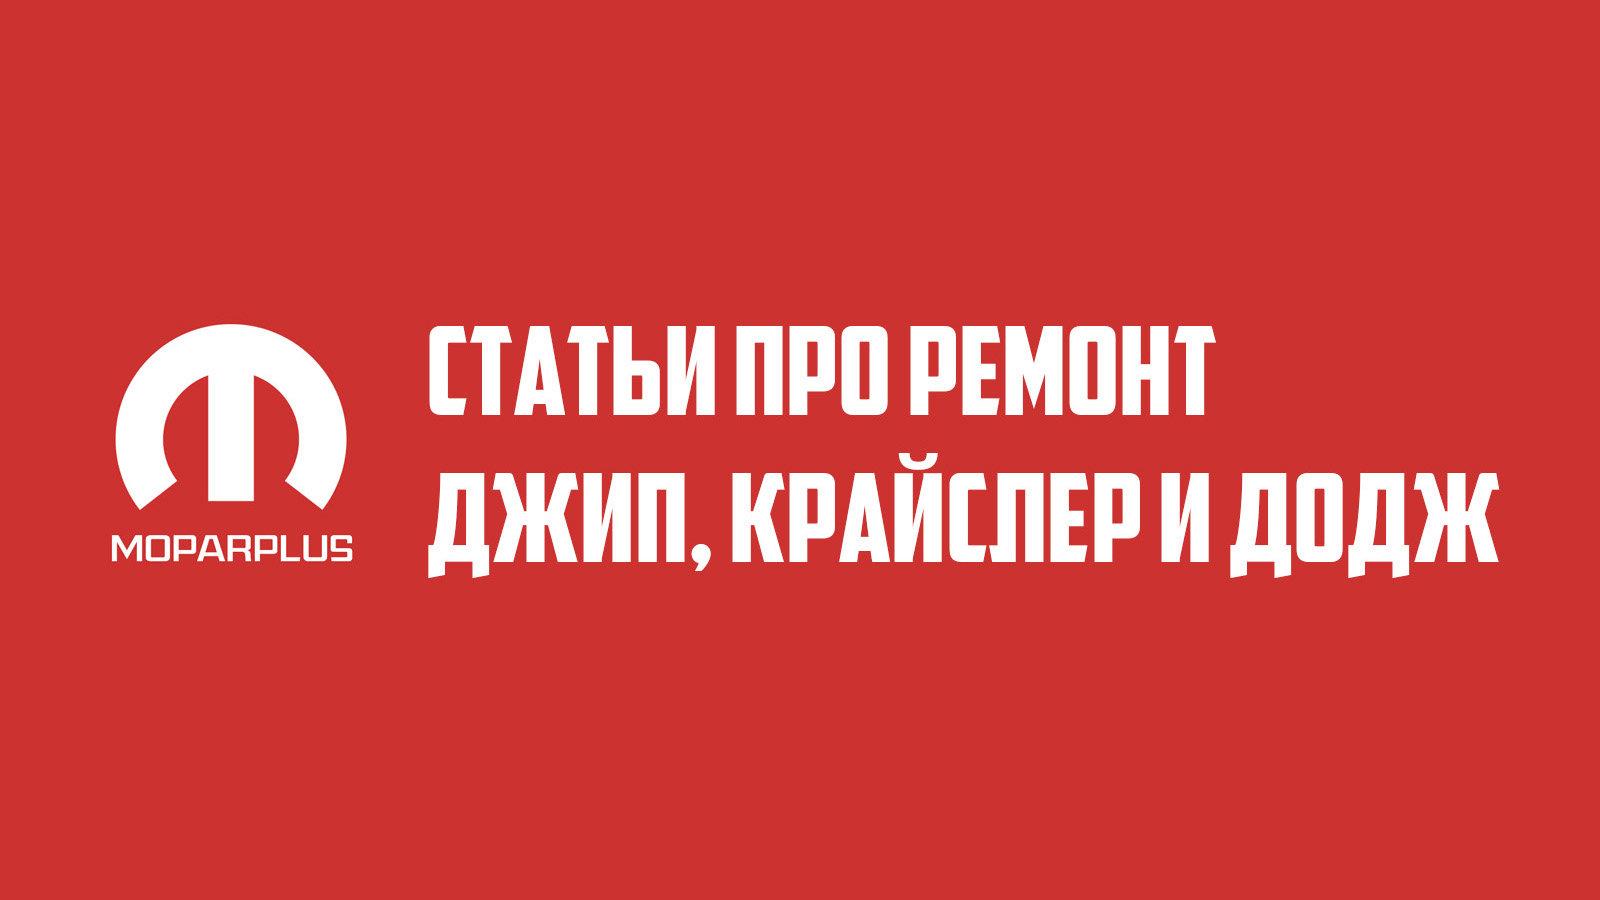 Статьи про ремонт. Выпуск №35.